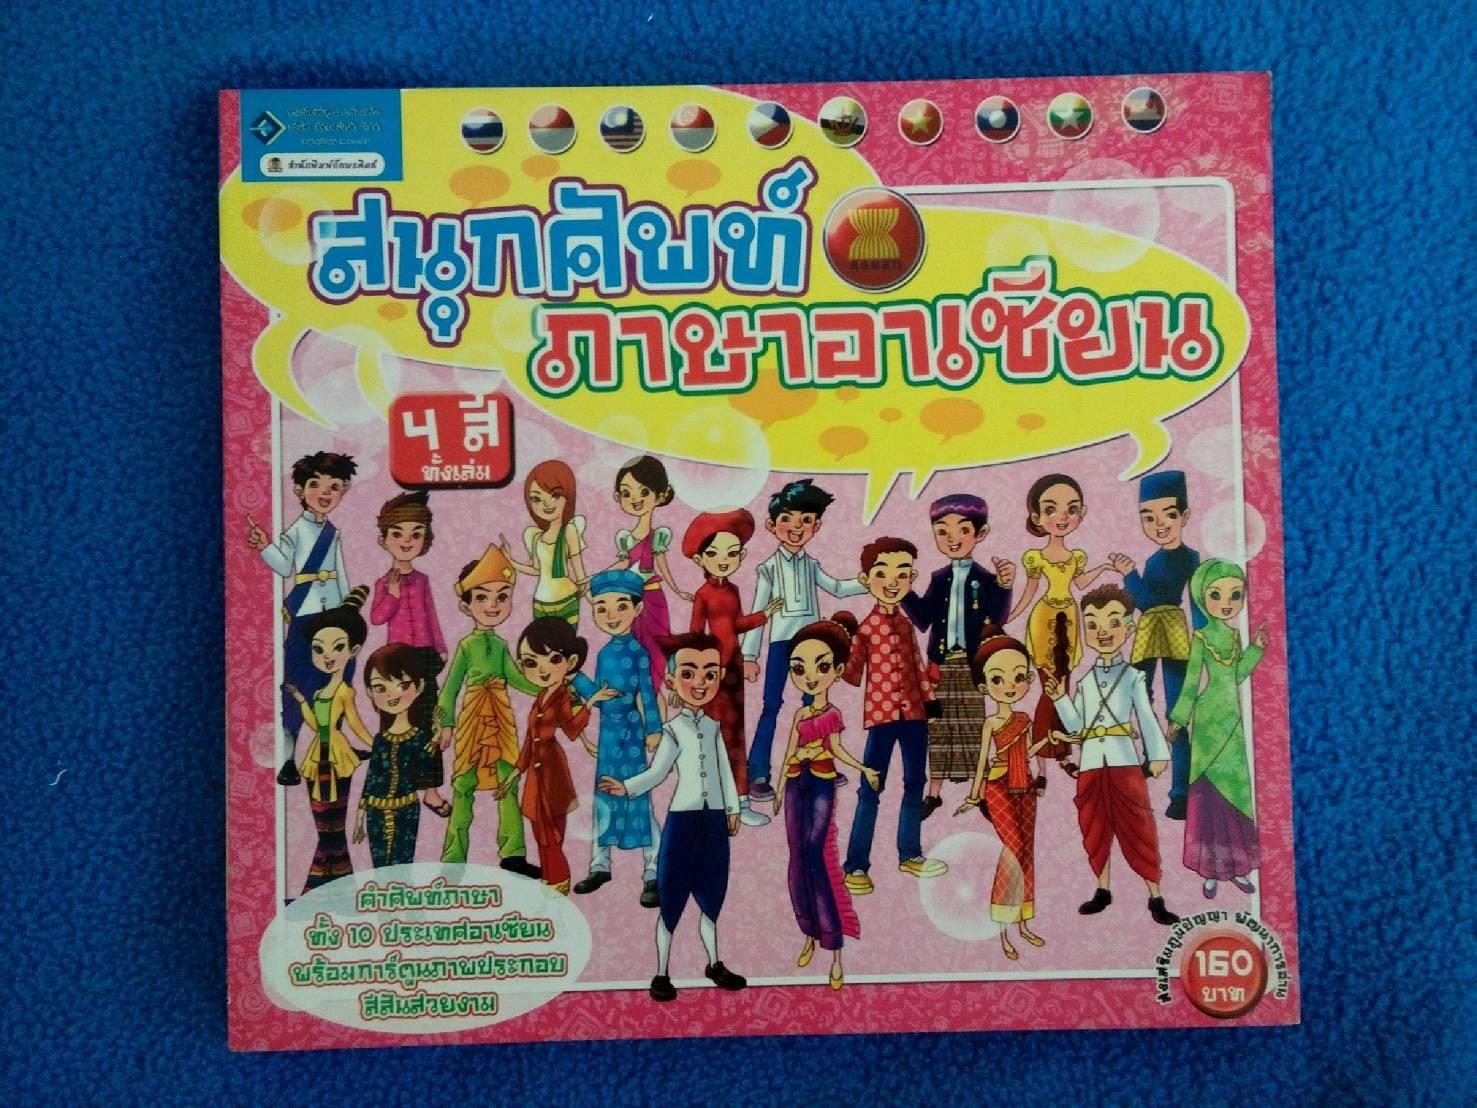 สนุกศัพท์ ภาษาอาเซียน ราคา 160